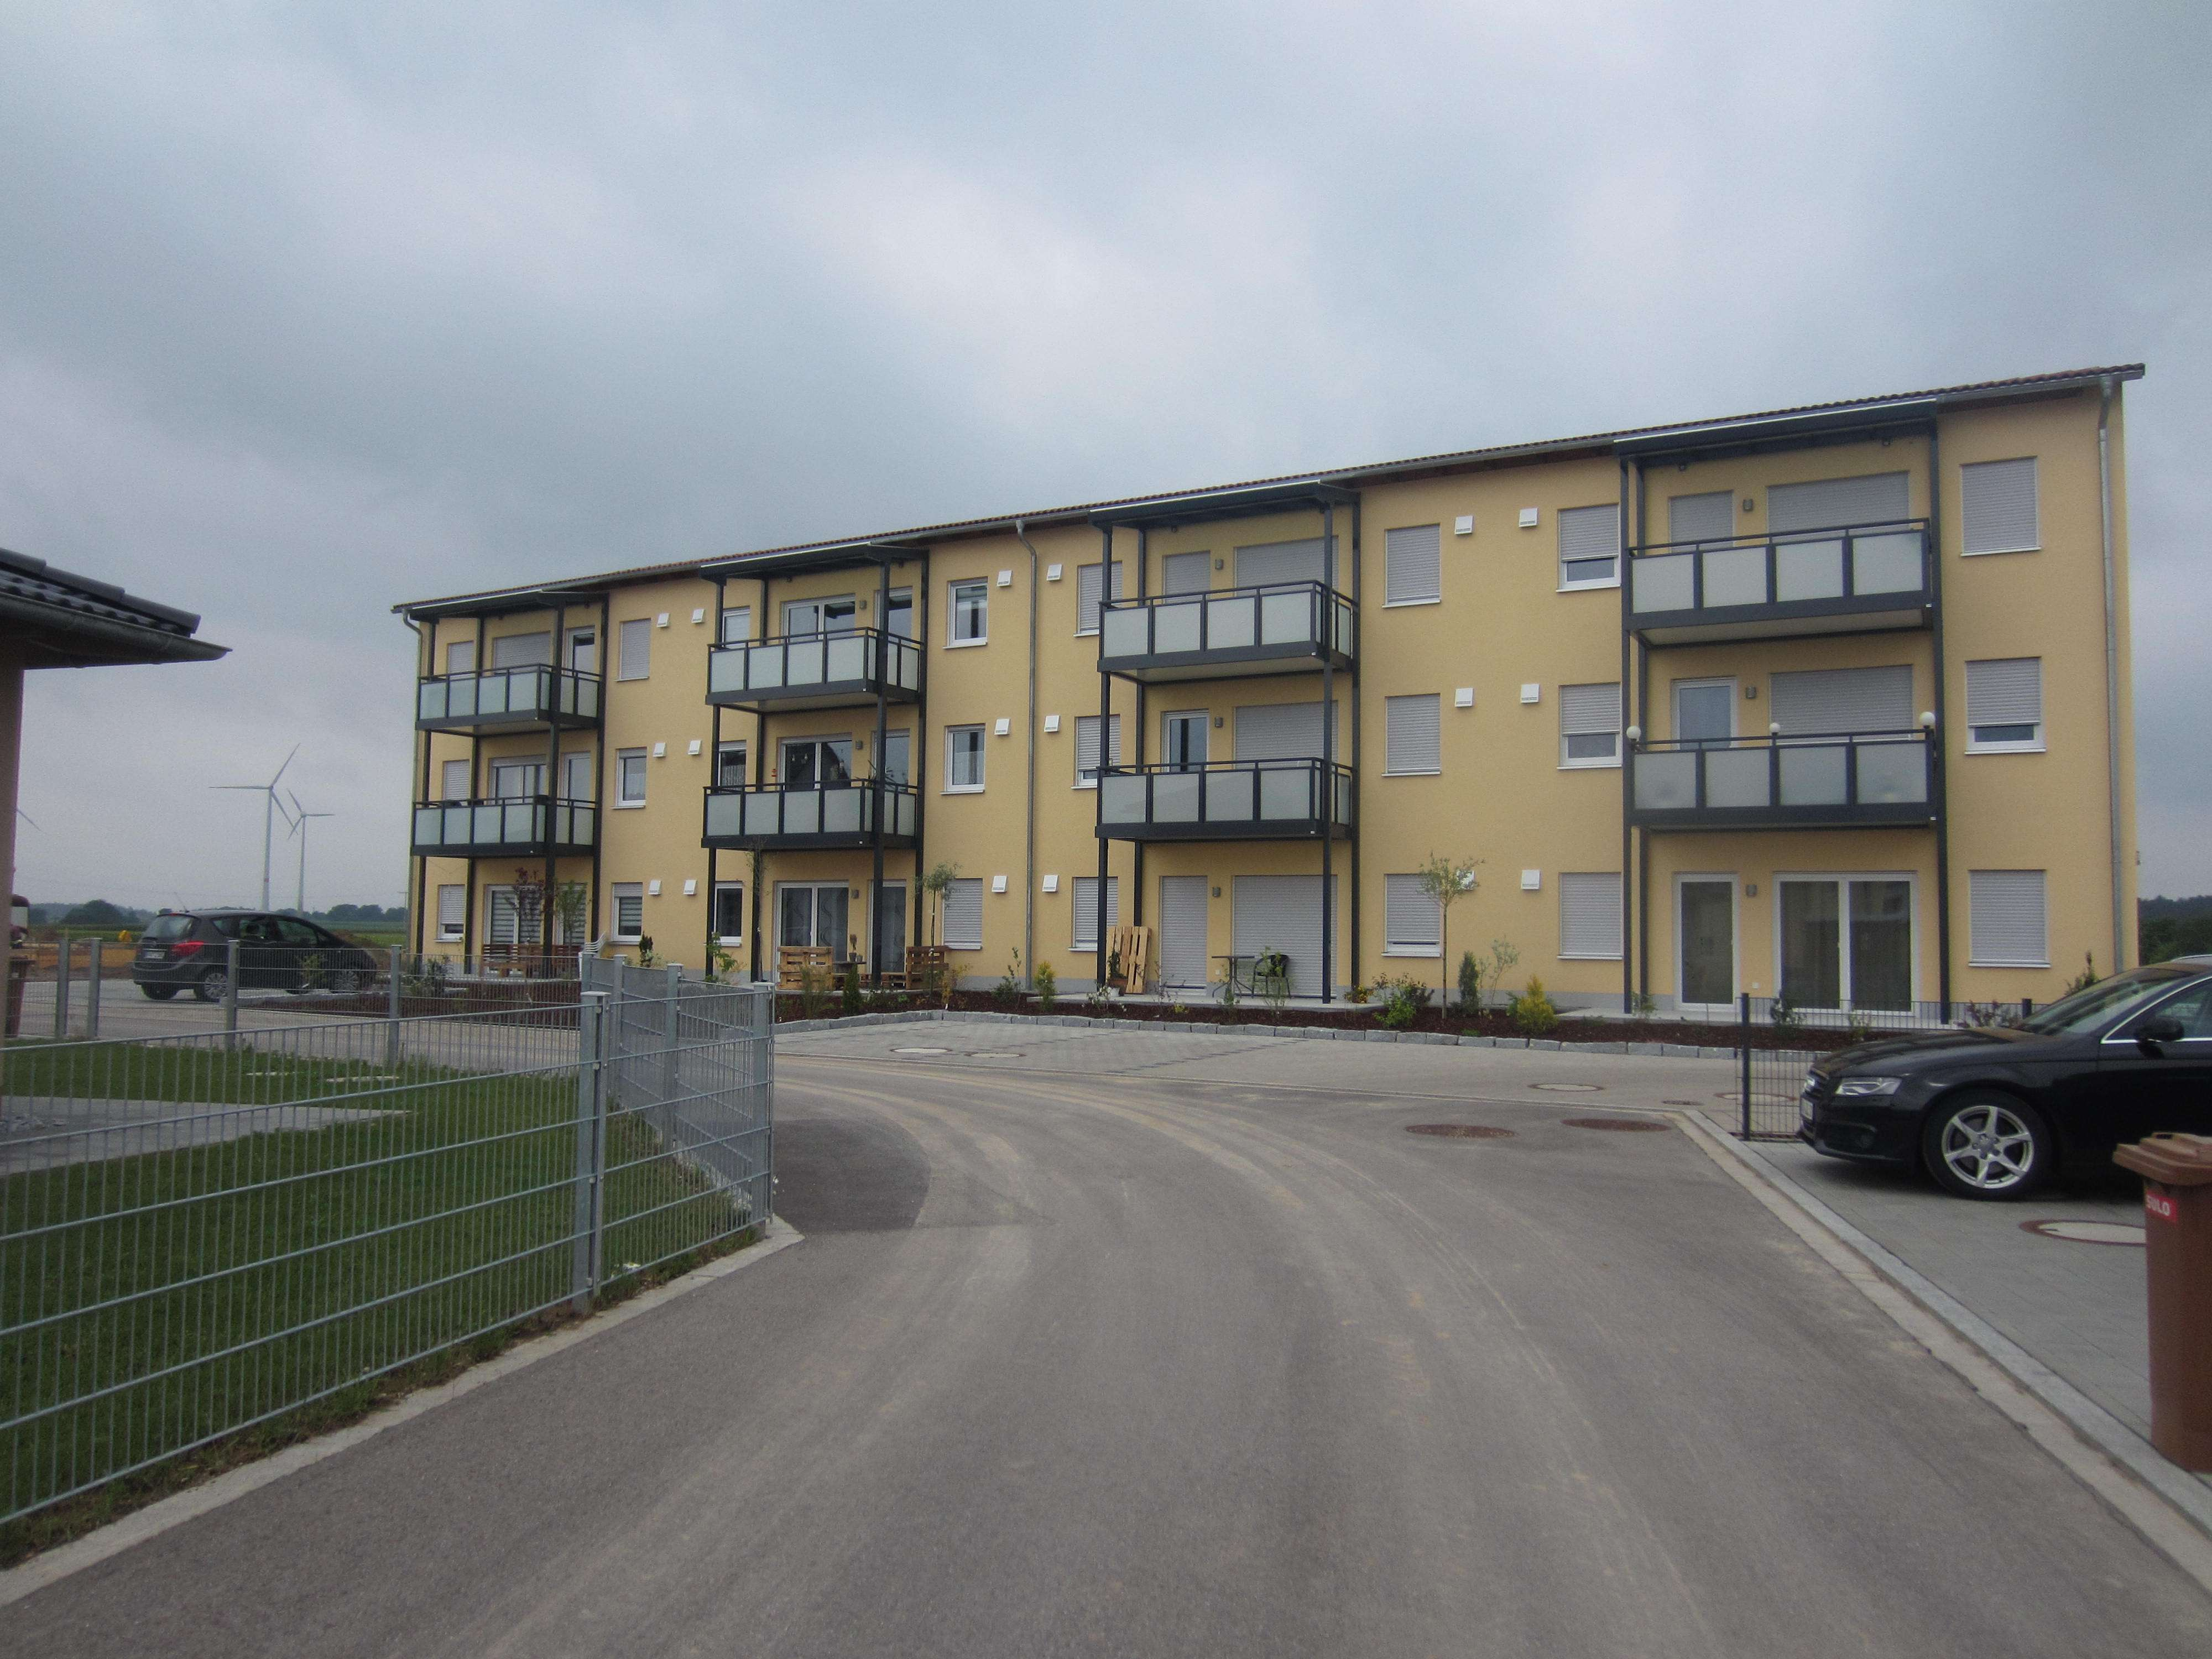 Schöne, geräumige drei Zimmer Wohnung in Wolframs-Eschenbach in absolut ruhiger Lage in